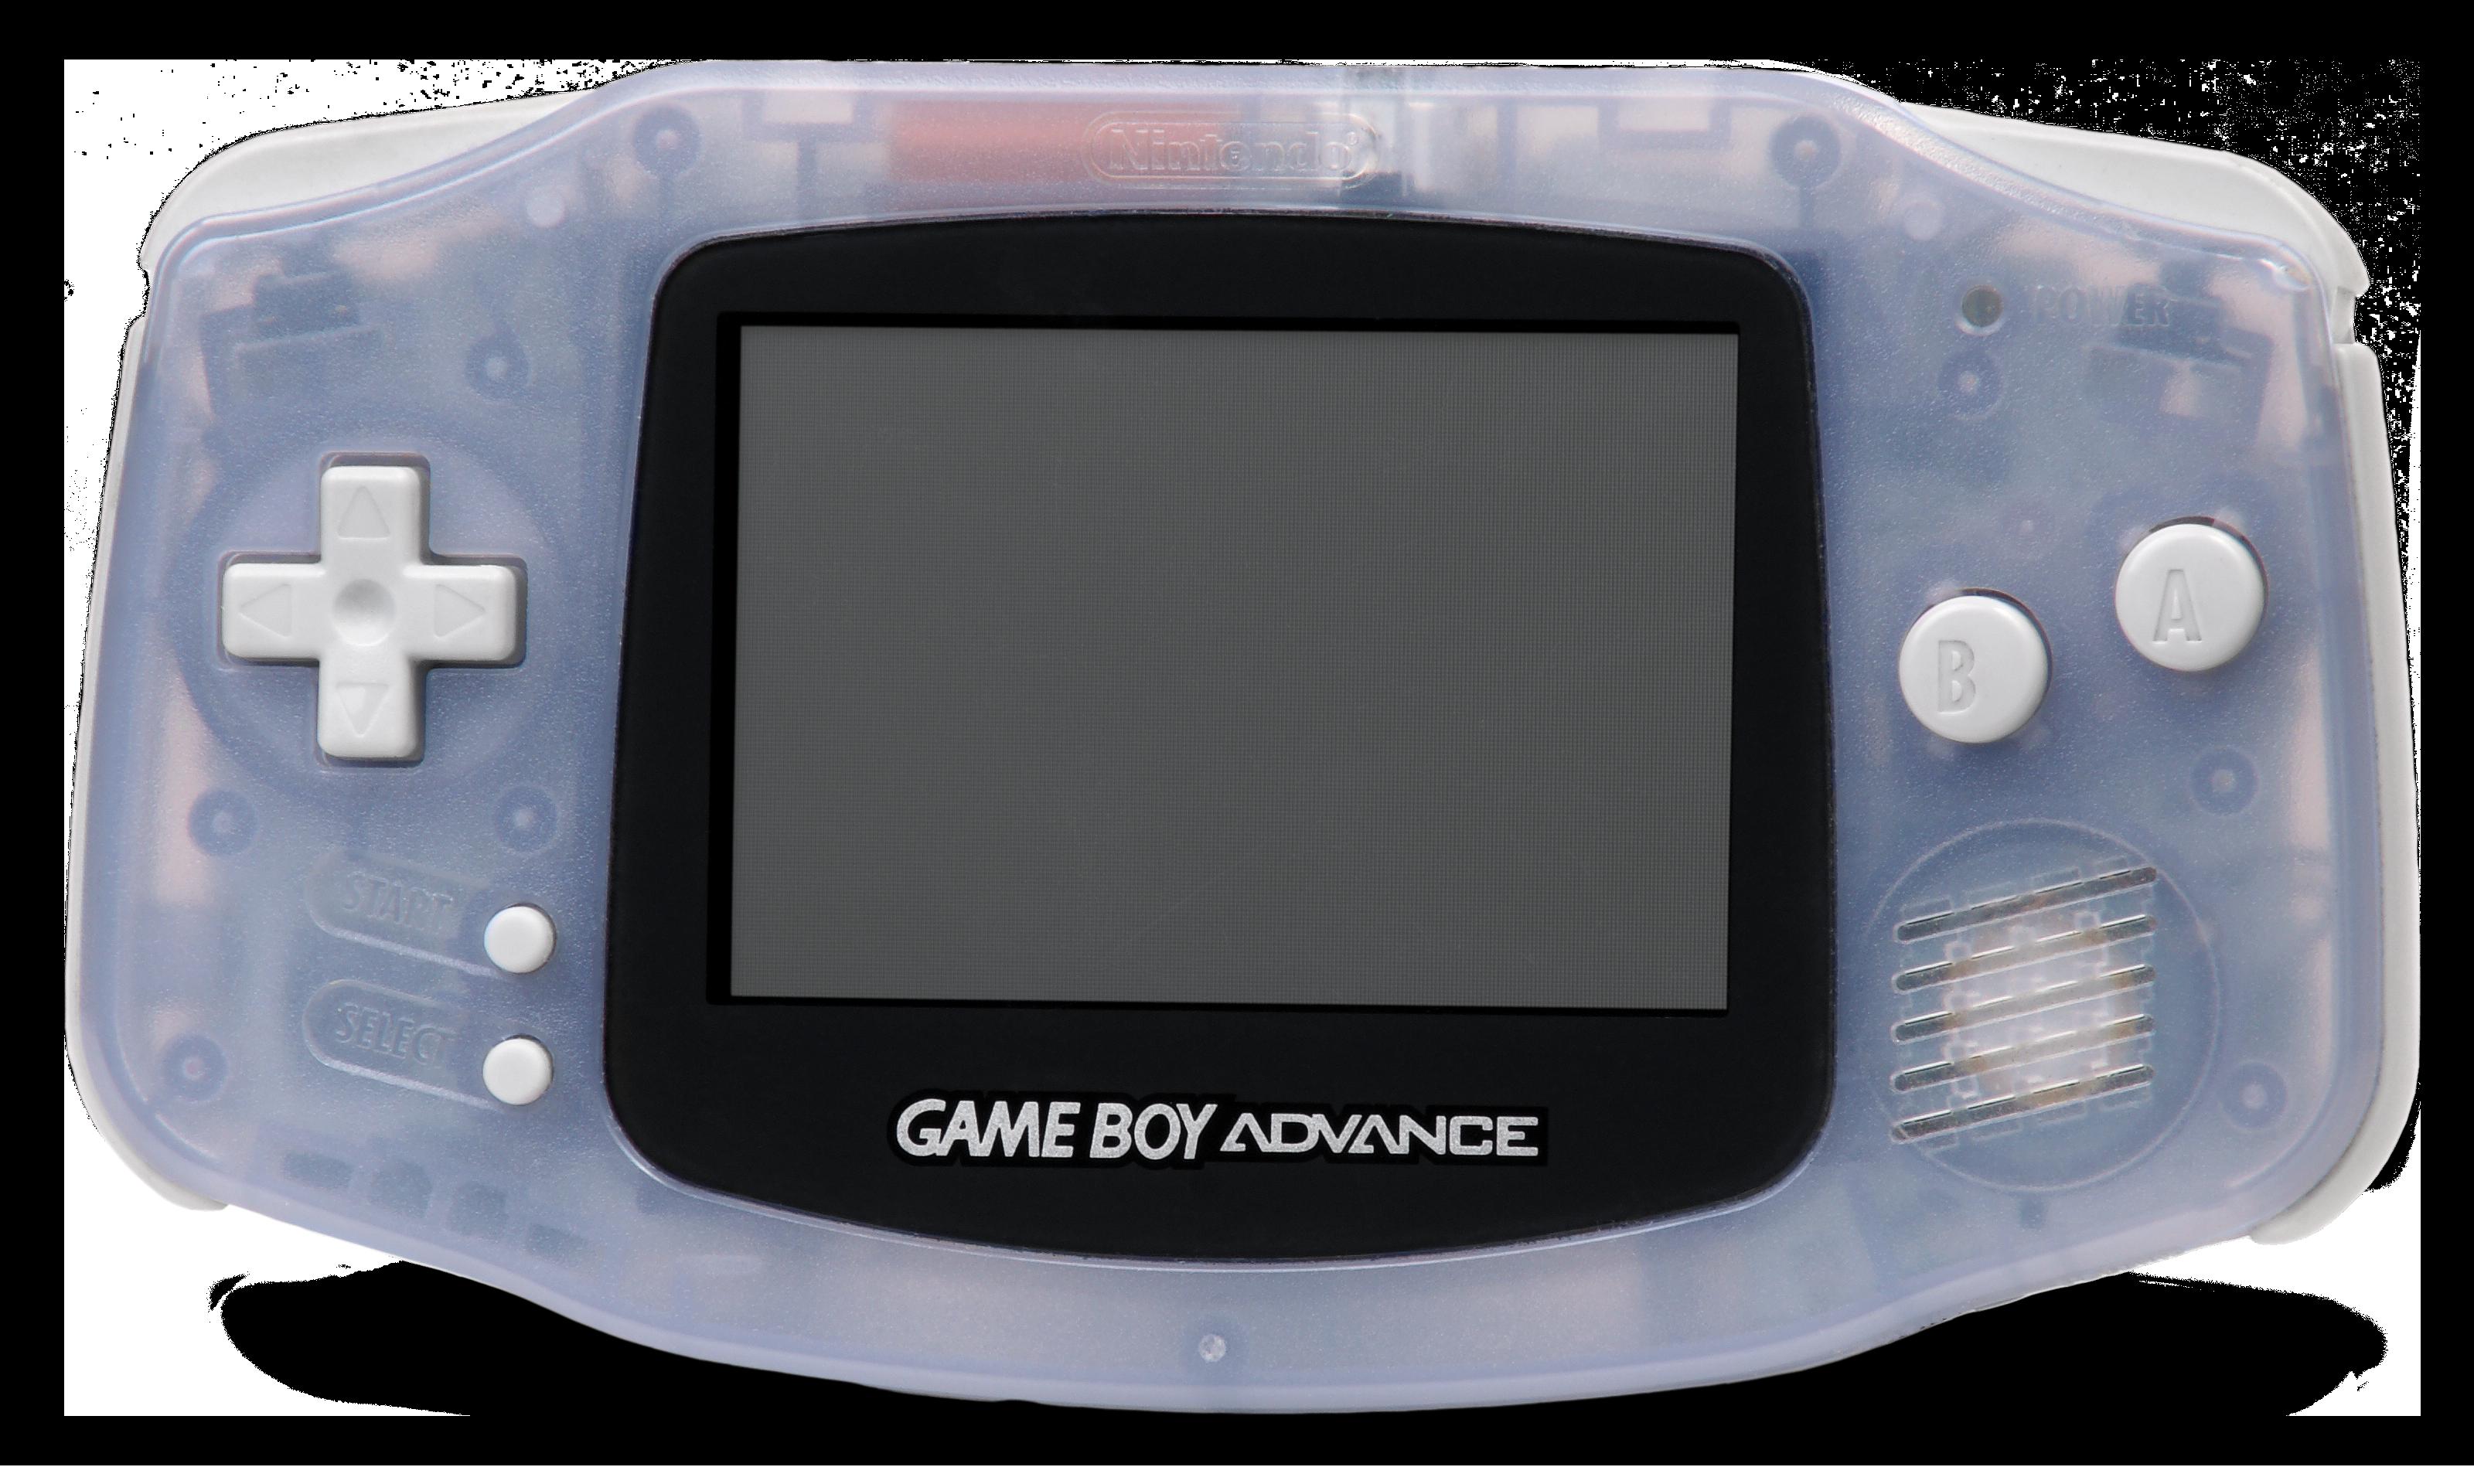 Afterburner Game Boy Advance Game Boy Advance 1stgen Png